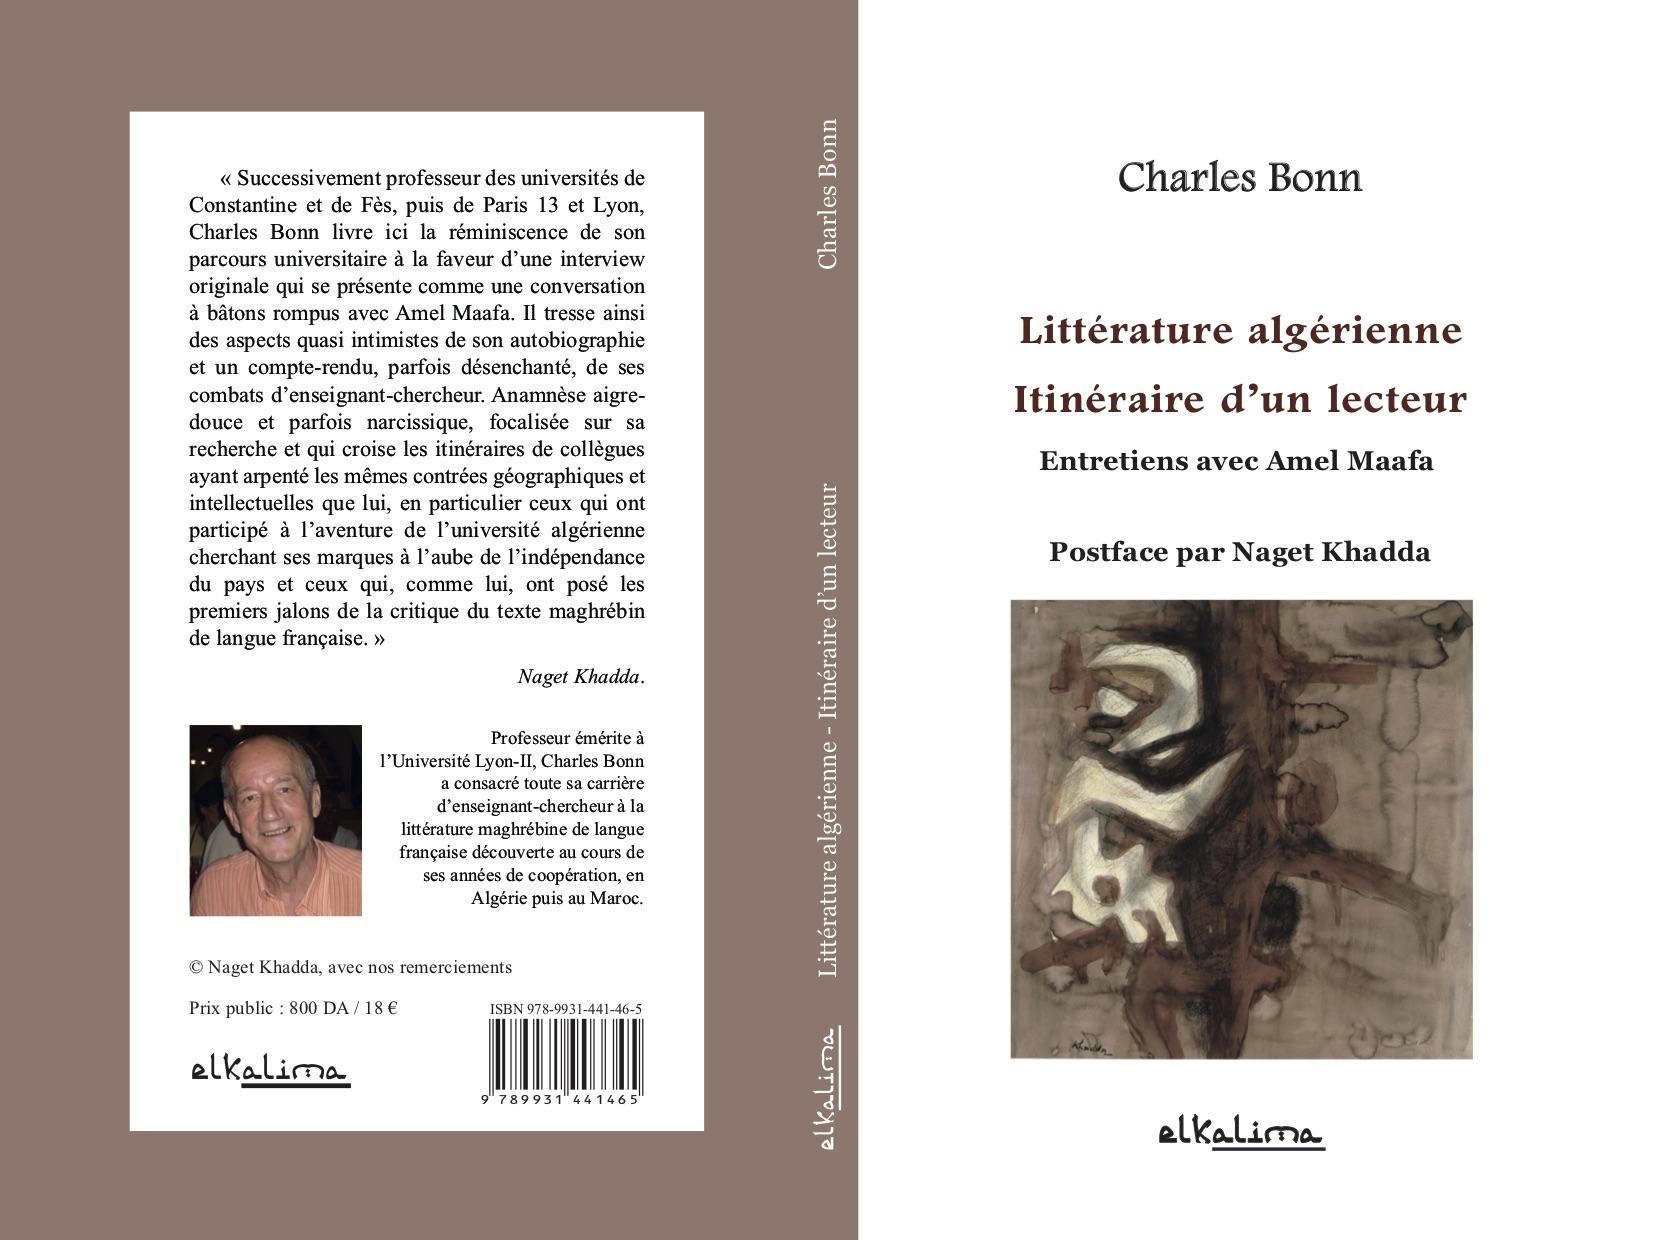 Ch. Bonn, La Littérature algérienne. Itinéraire d'un lecteur